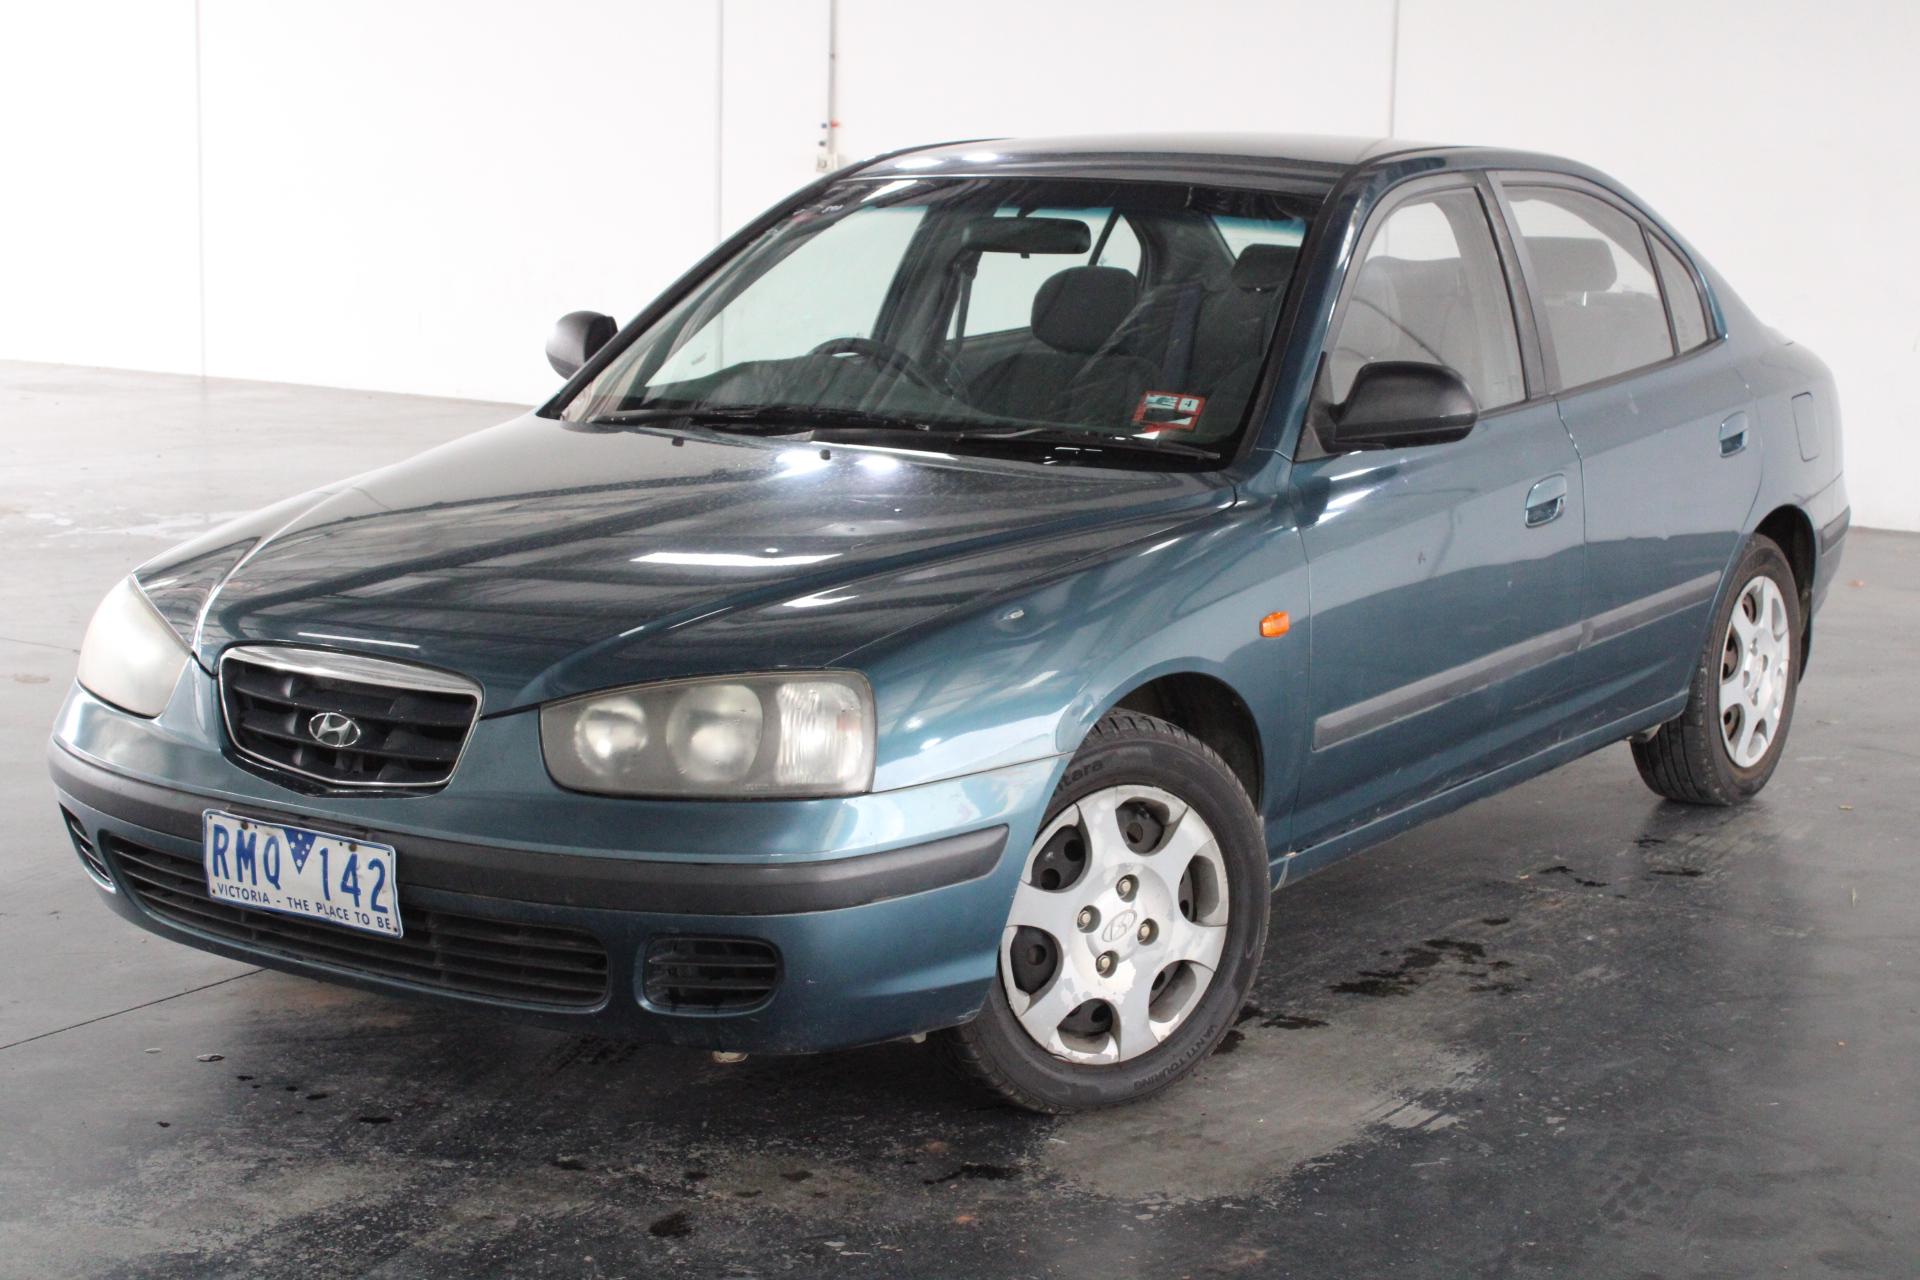 2001 Hyundai Elantra GL XD Automatic Sedan